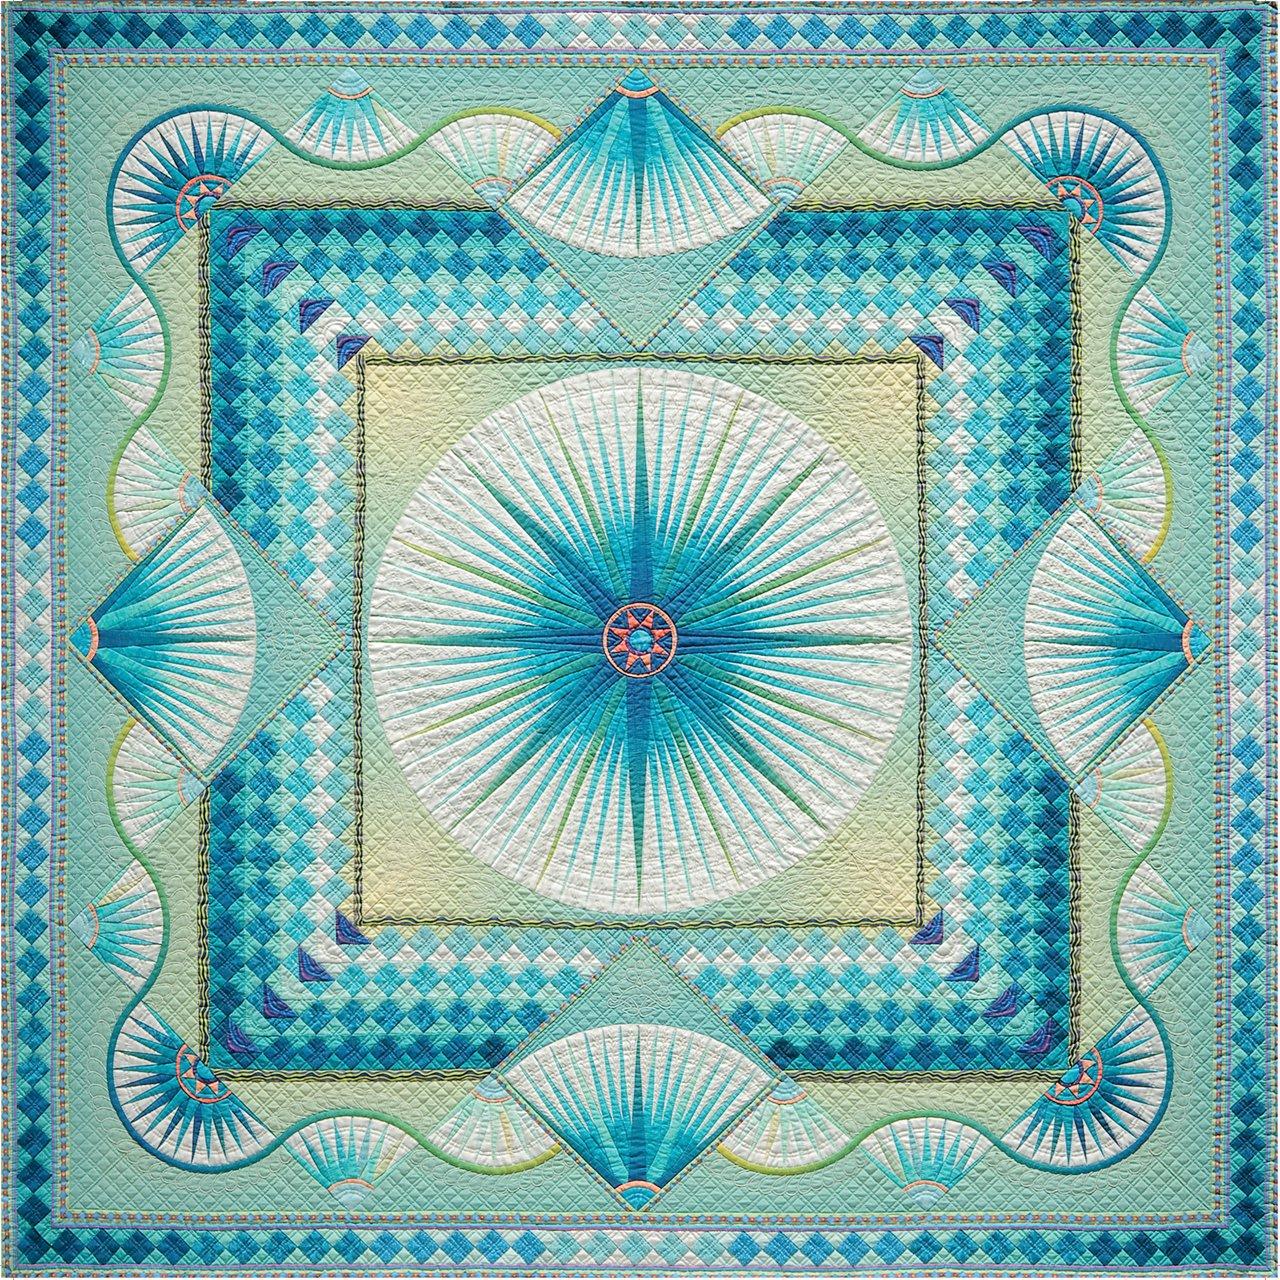 Award Winning Quilts 2014 Calendar: Featuring Quilts from the ... : award winning quilts - Adamdwight.com